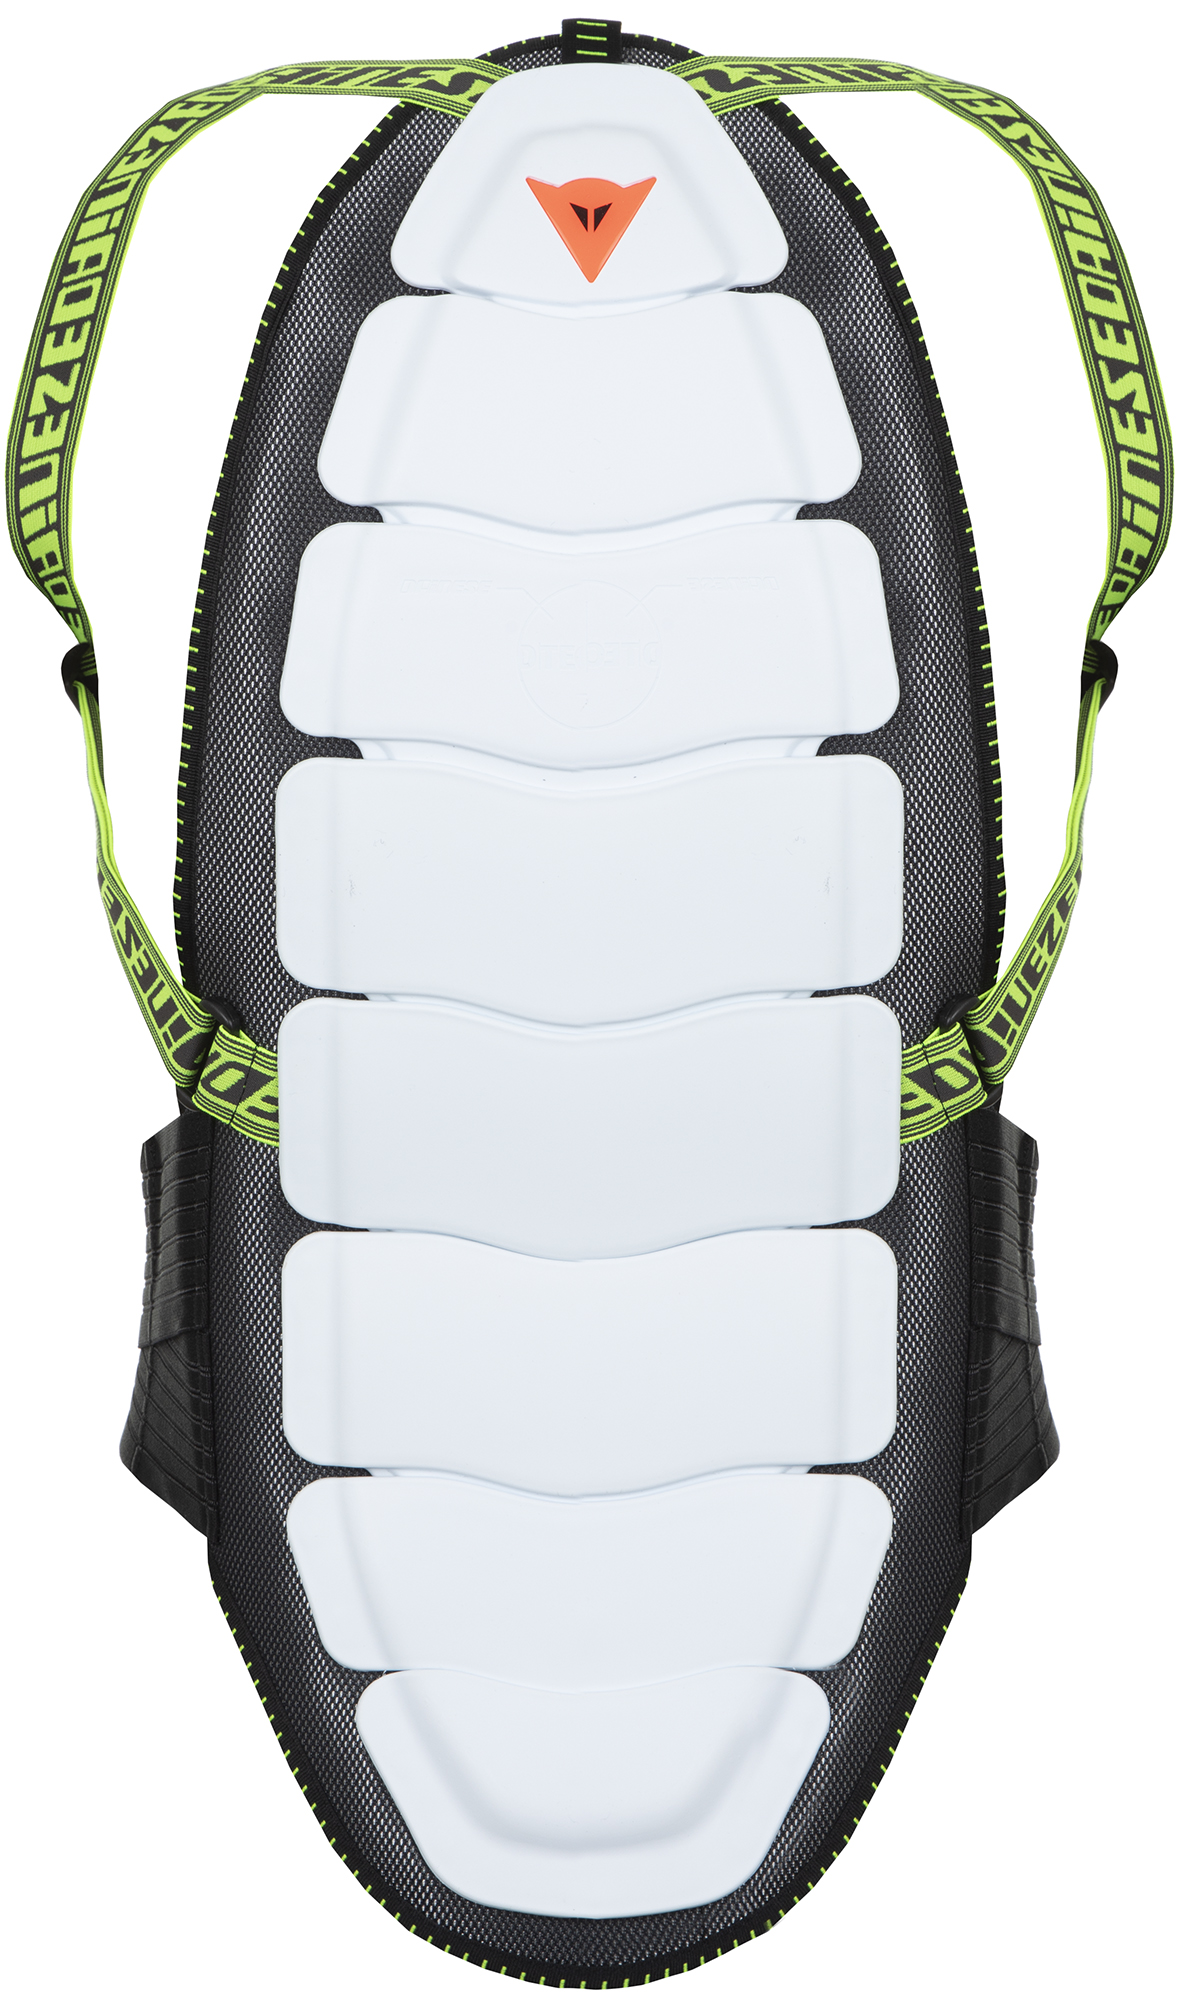 все цены на Dainese Защита спины Dainese Ultimate Bap 03 Evo, размер 50-52